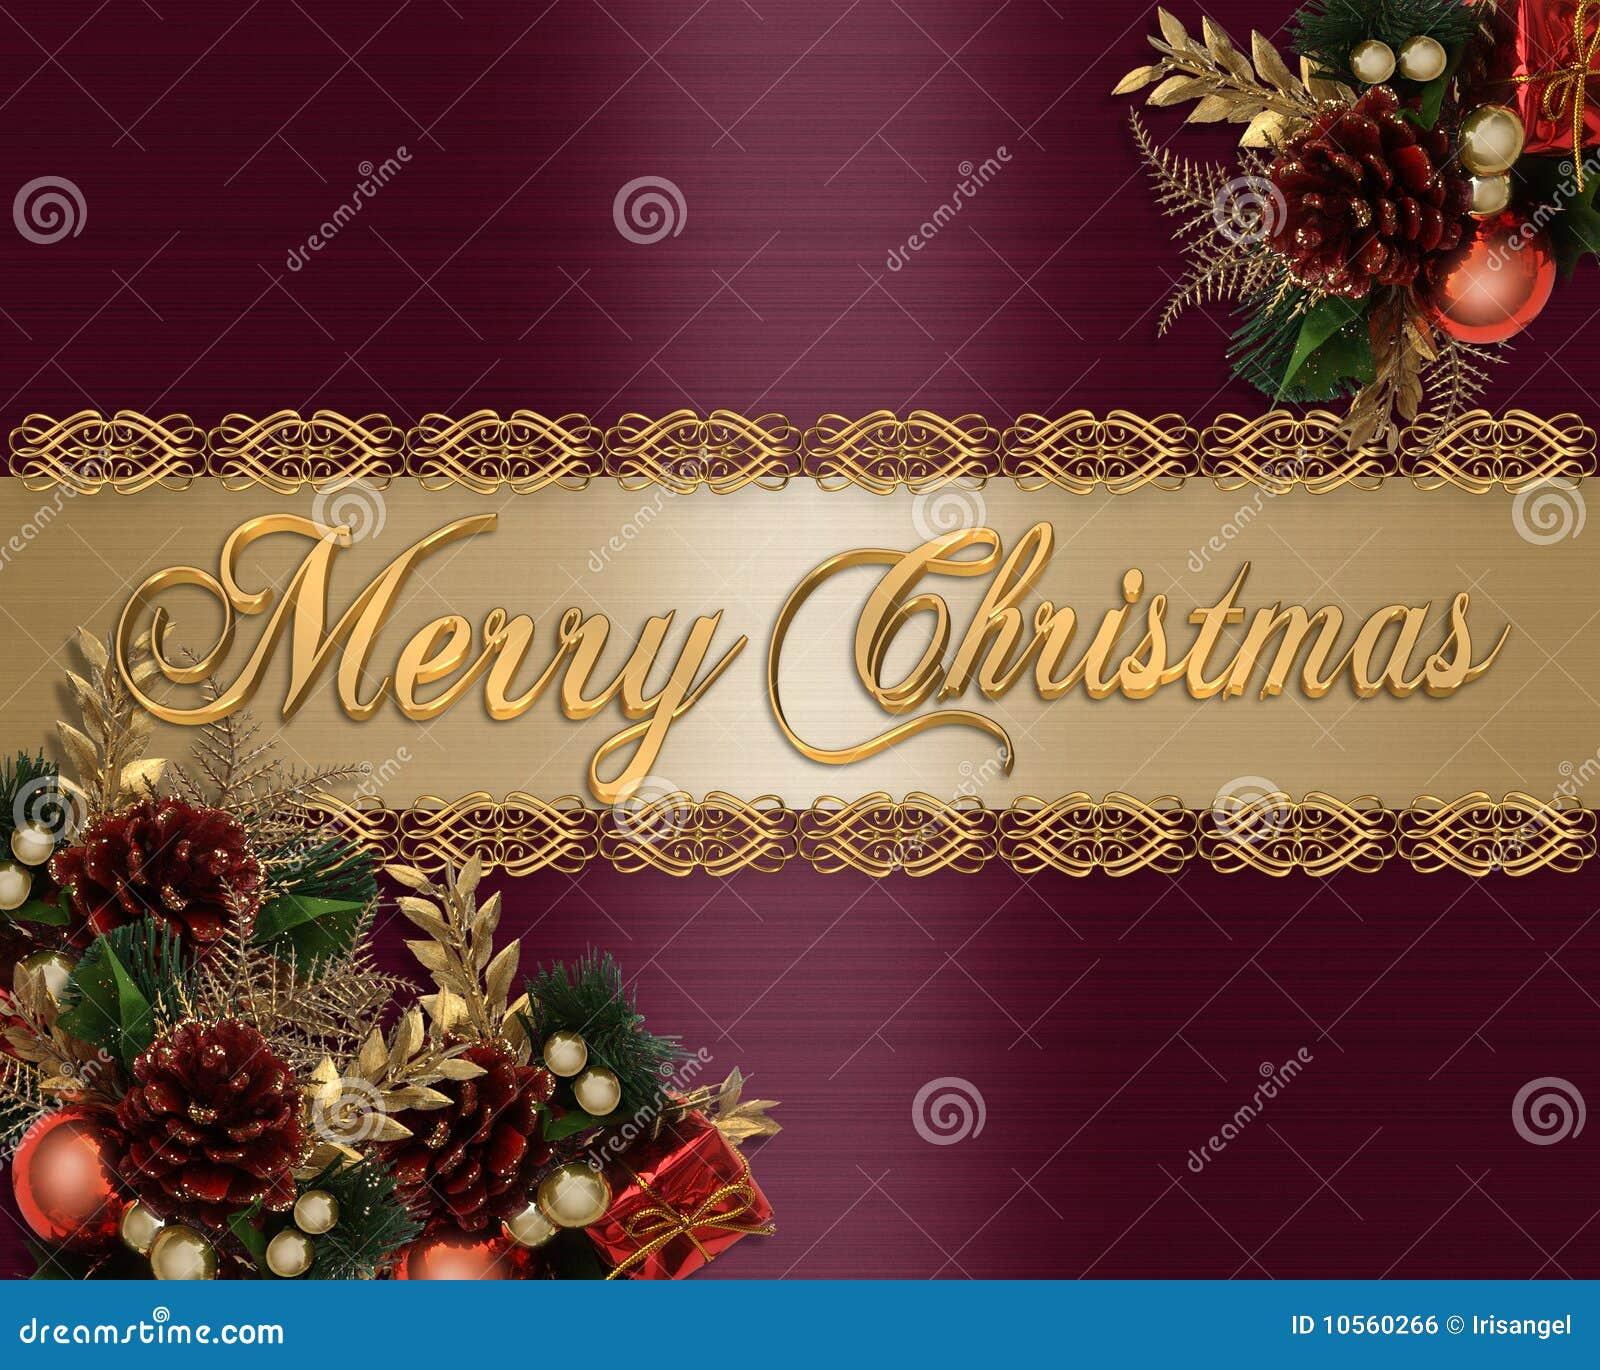 Weihnachtskarten hintergrund elegant stock abbildung illustration von gold feiertage 10560266 - Weihnachtskarten download ...